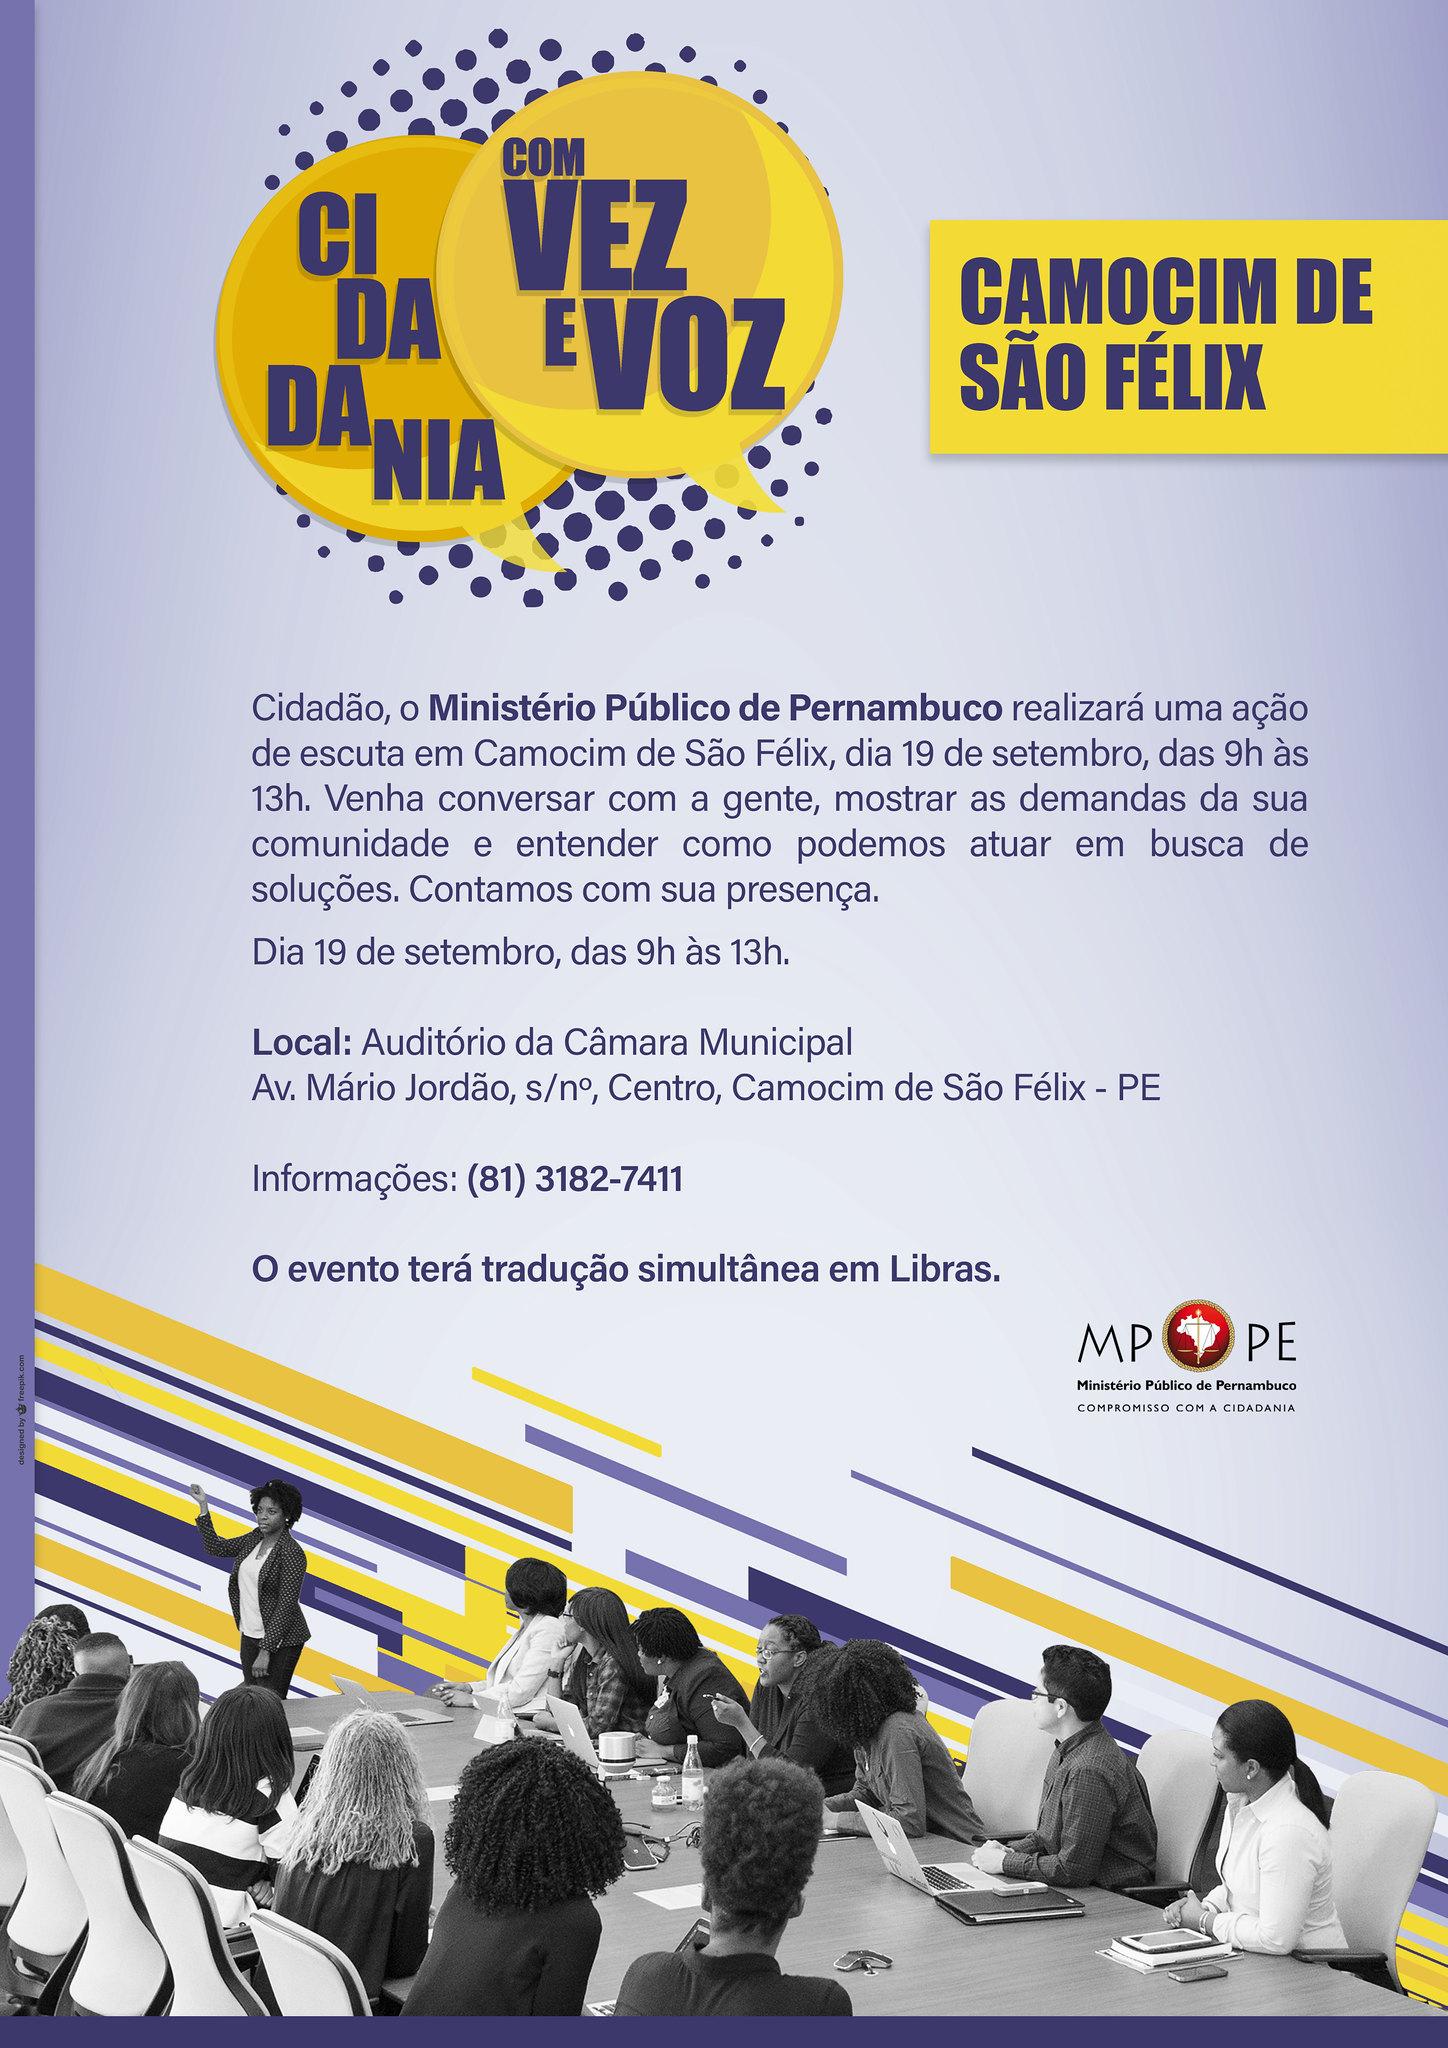 CAMOCIM DE SÃO FELIX